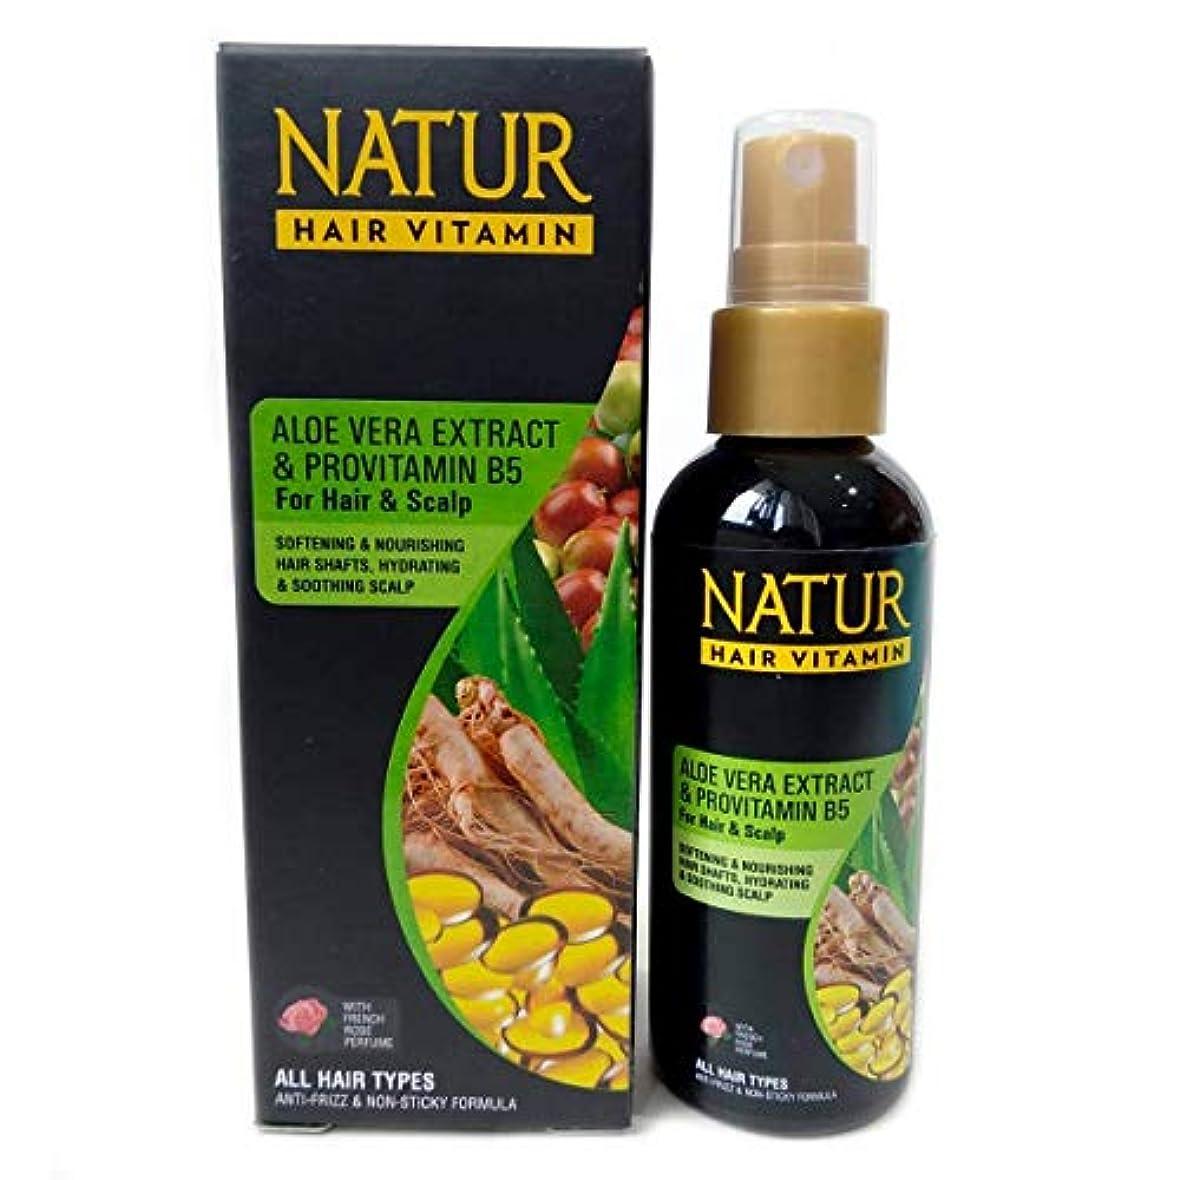 脇に野心山岳NATUR ナトゥール 天然植物エキス配合 Hair Vitamin ハーバルヘアビタミン 80ml Aloe vera&Provitamin B5 アロエベラ&プロビタミンB5 [海外直商品]